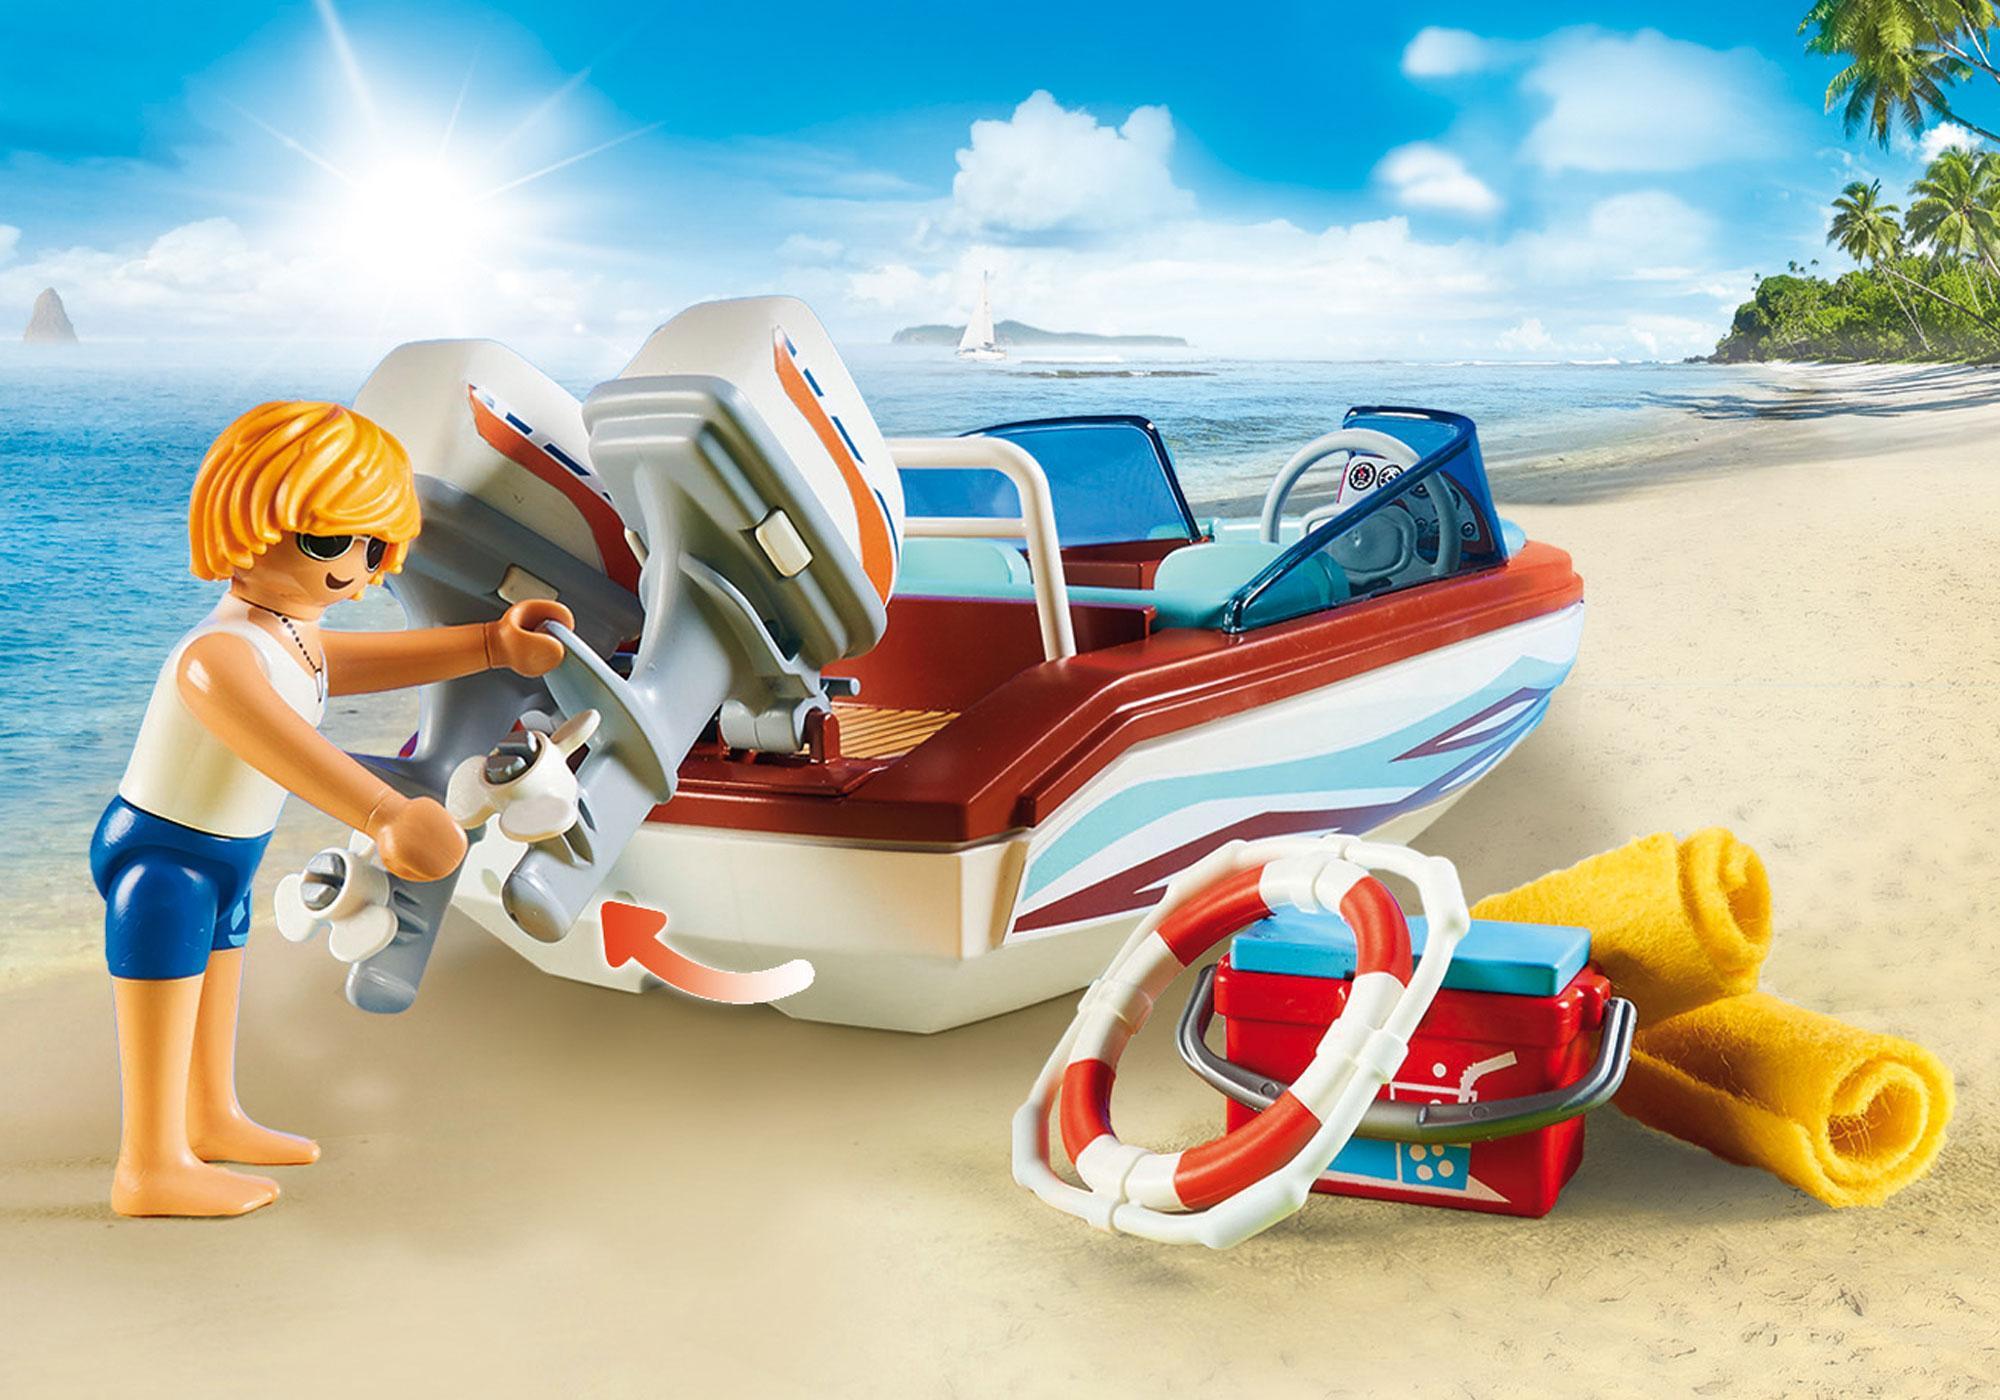 http://media.playmobil.com/i/playmobil/9428_product_extra3/Lancha com motor subaquático